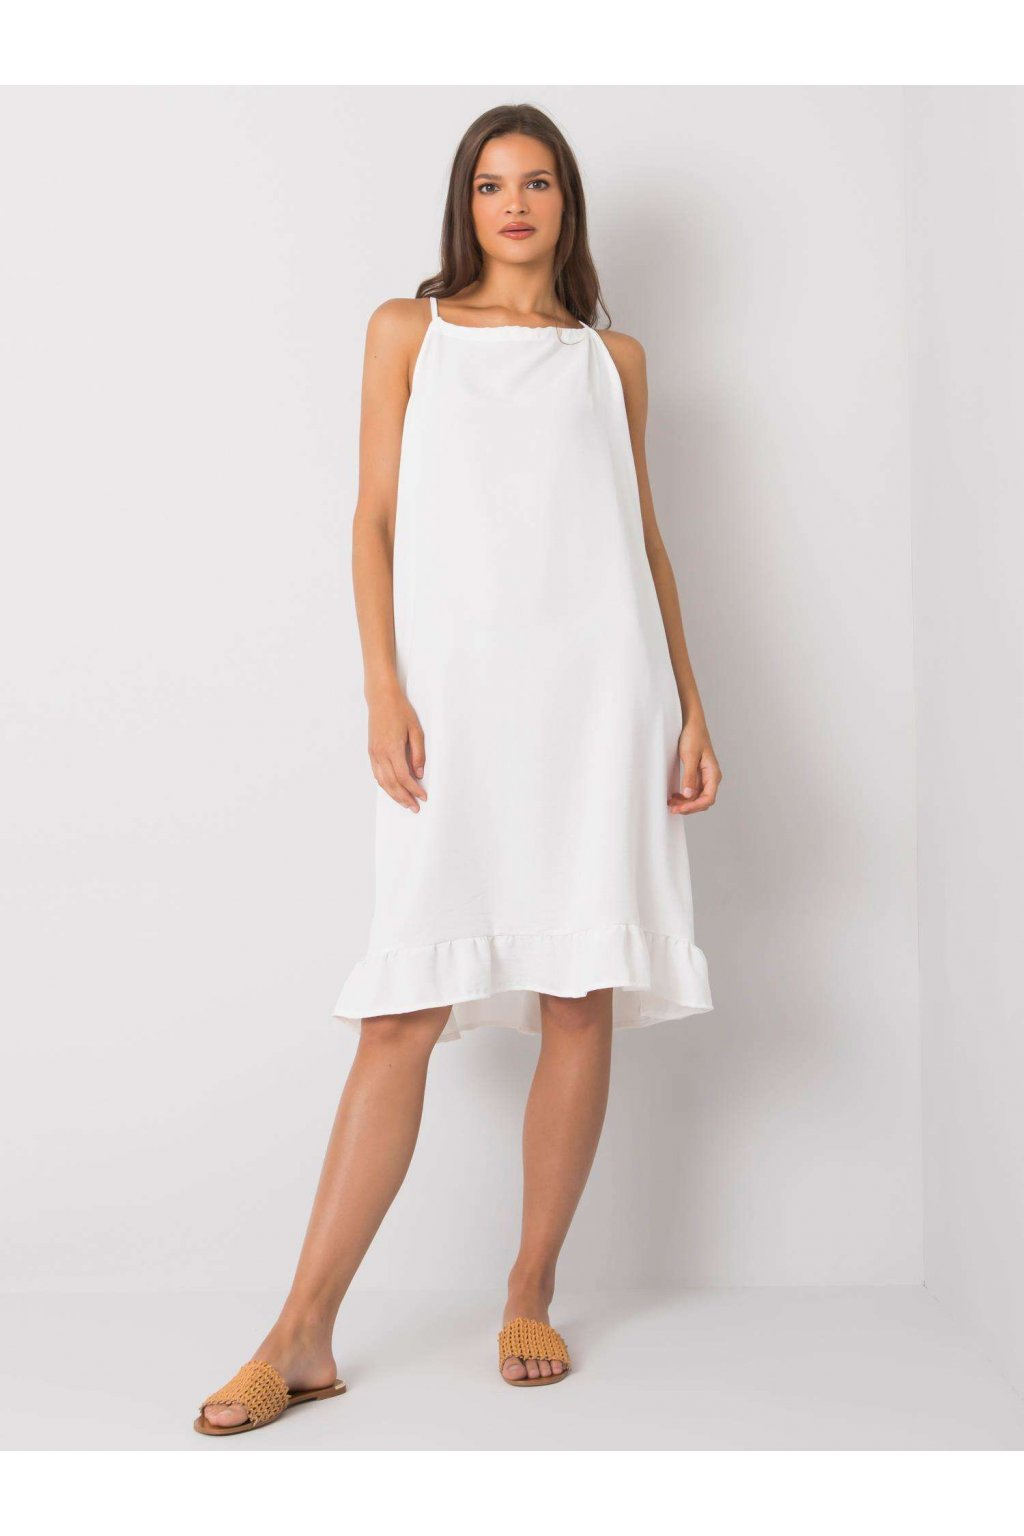 pol pl Ecru sukienka na ramiaczkach Simone 367545 1